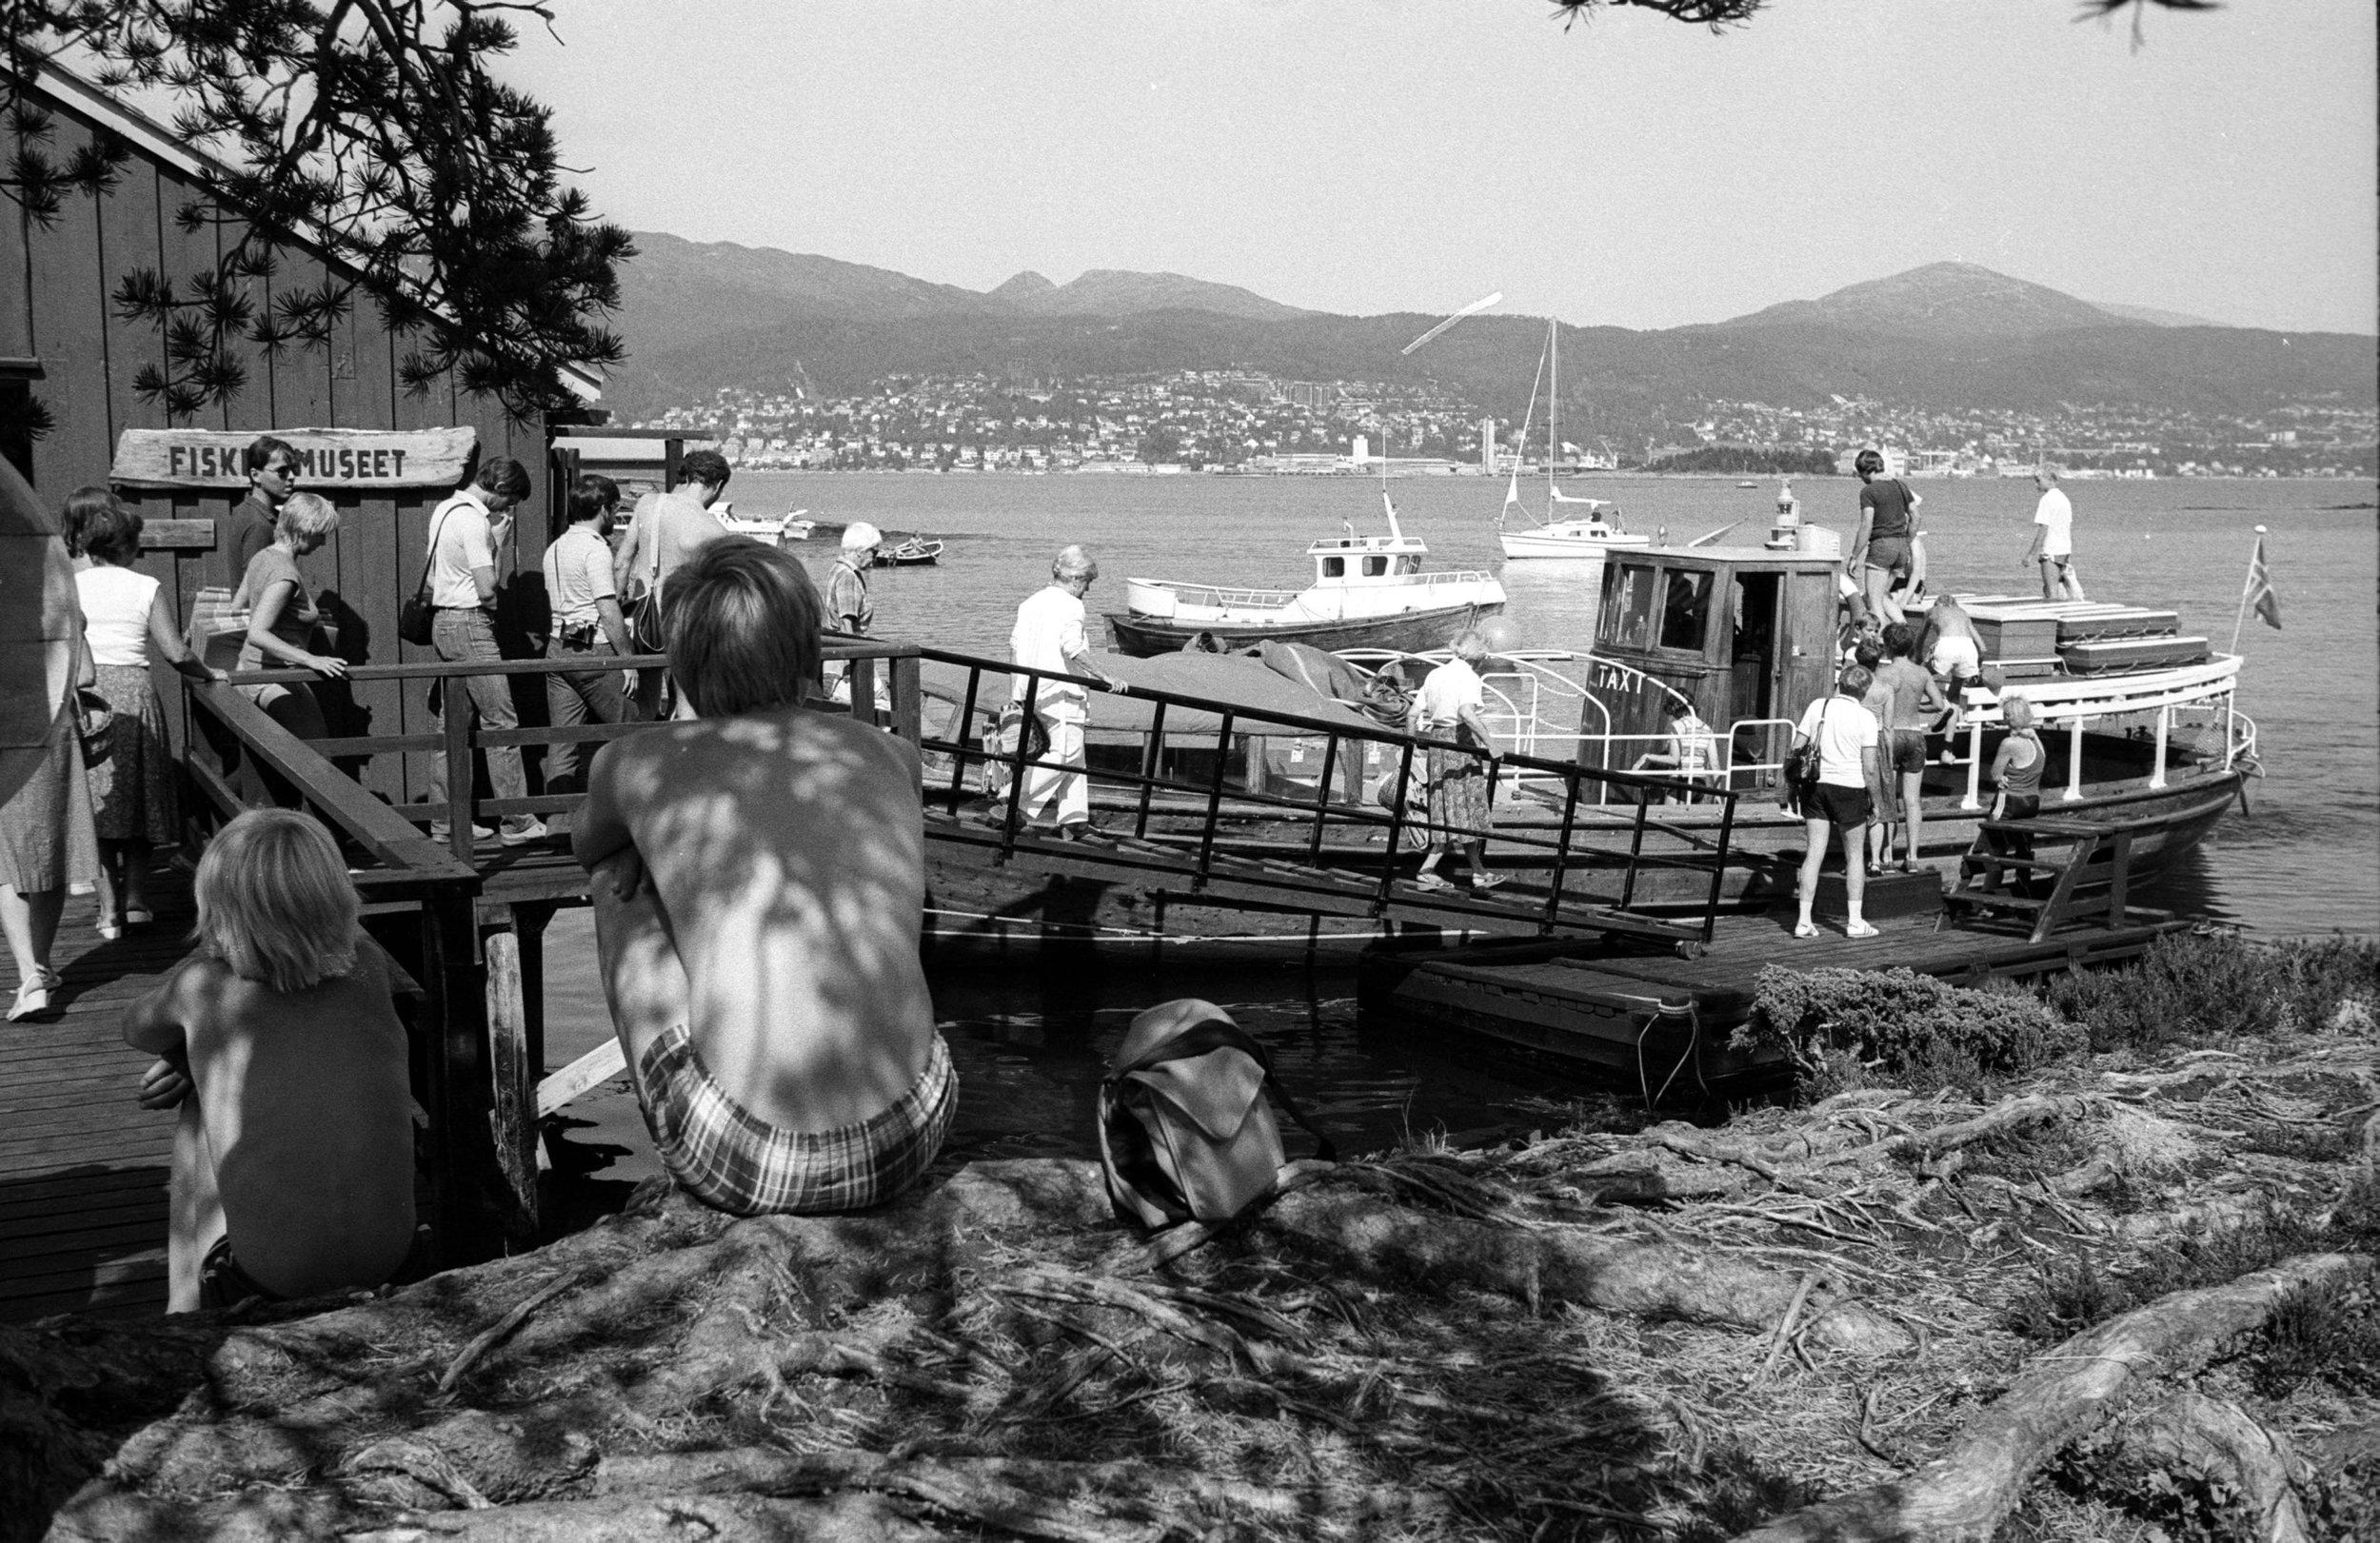 Klart for hjemtur: Denne båten er kjent for mange etter at B/F Taxi gikk i rute fra 1956 til 1986. Båten ble i 1987 solgt til Kosbergs Arkitektkontor og deretter videre til sjøspeiderne i Ålesund. Foto: Romsdalsmuseet